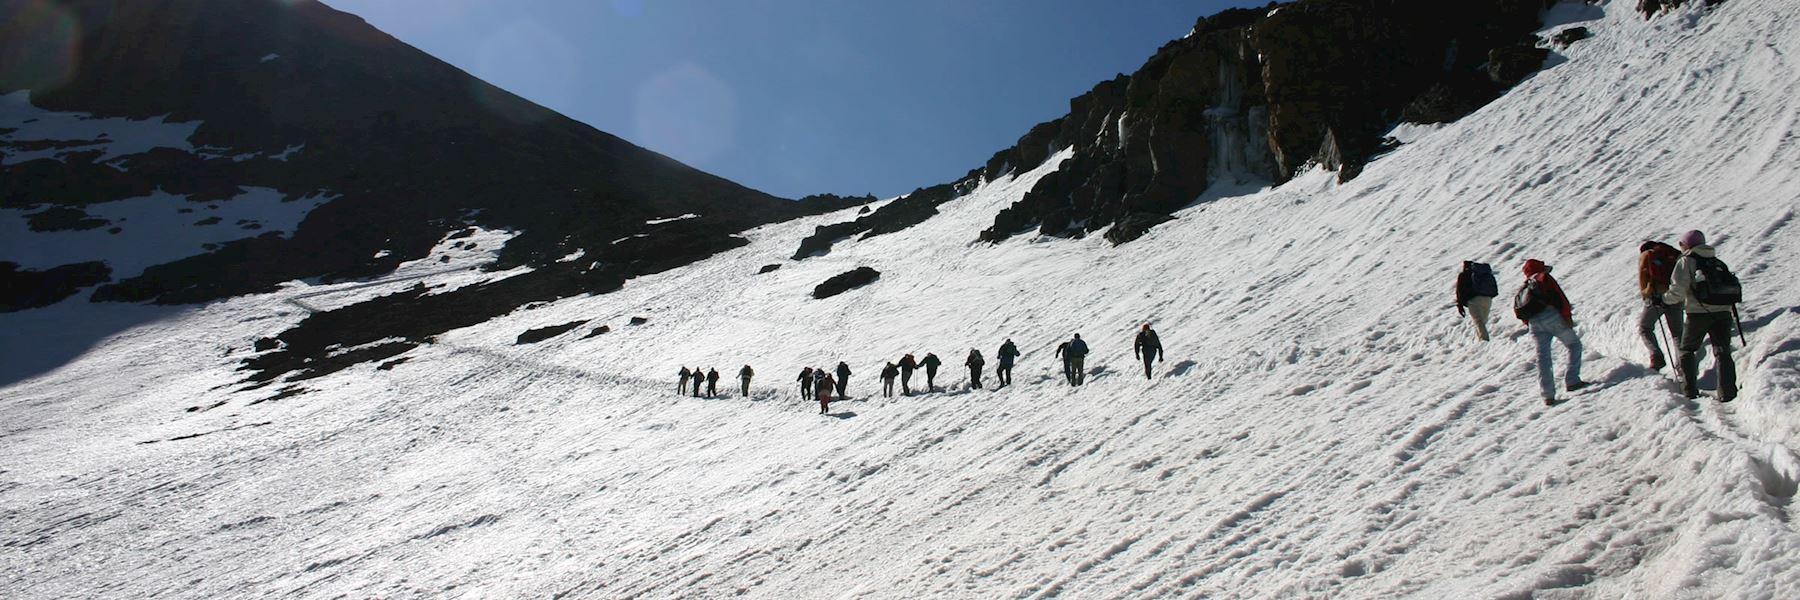 Mount Toubkal Charity Trek